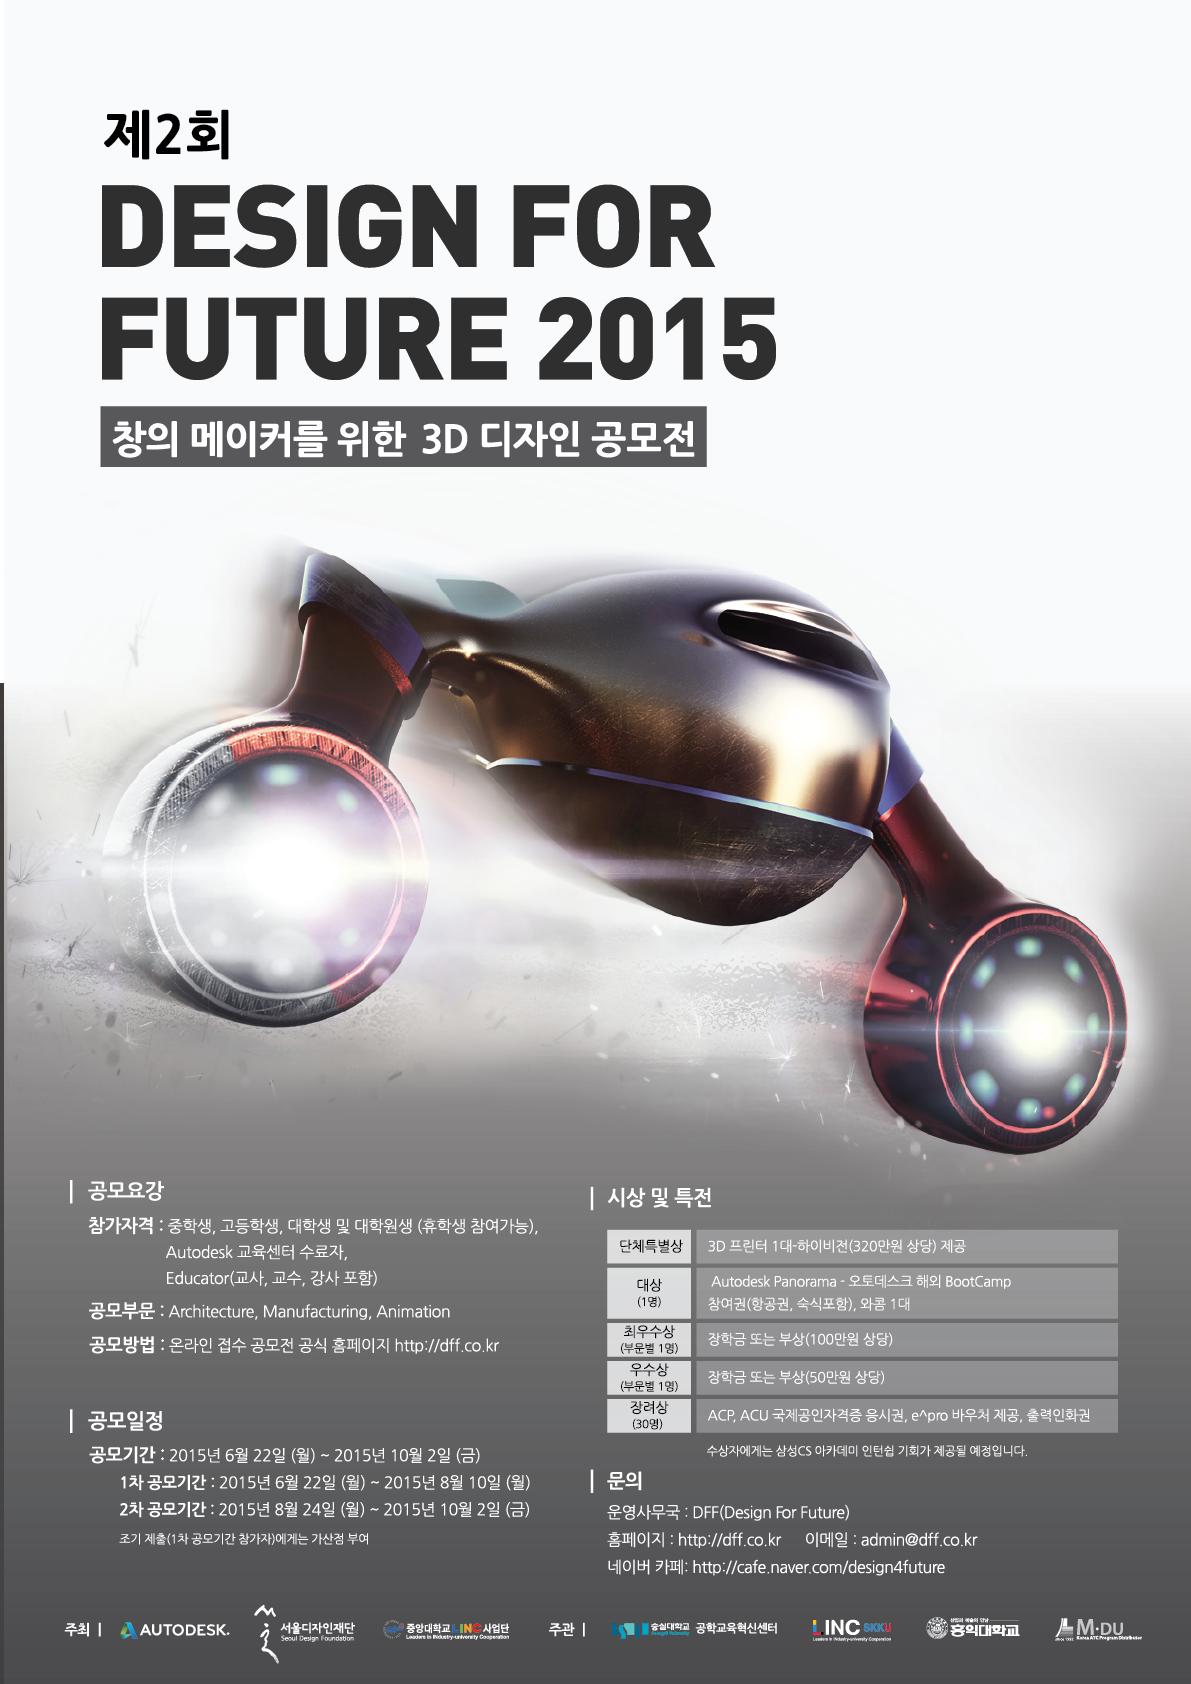 제2회 Design for Future 2015 - 창의 메이커들을 위한 3D 디자인 공모전